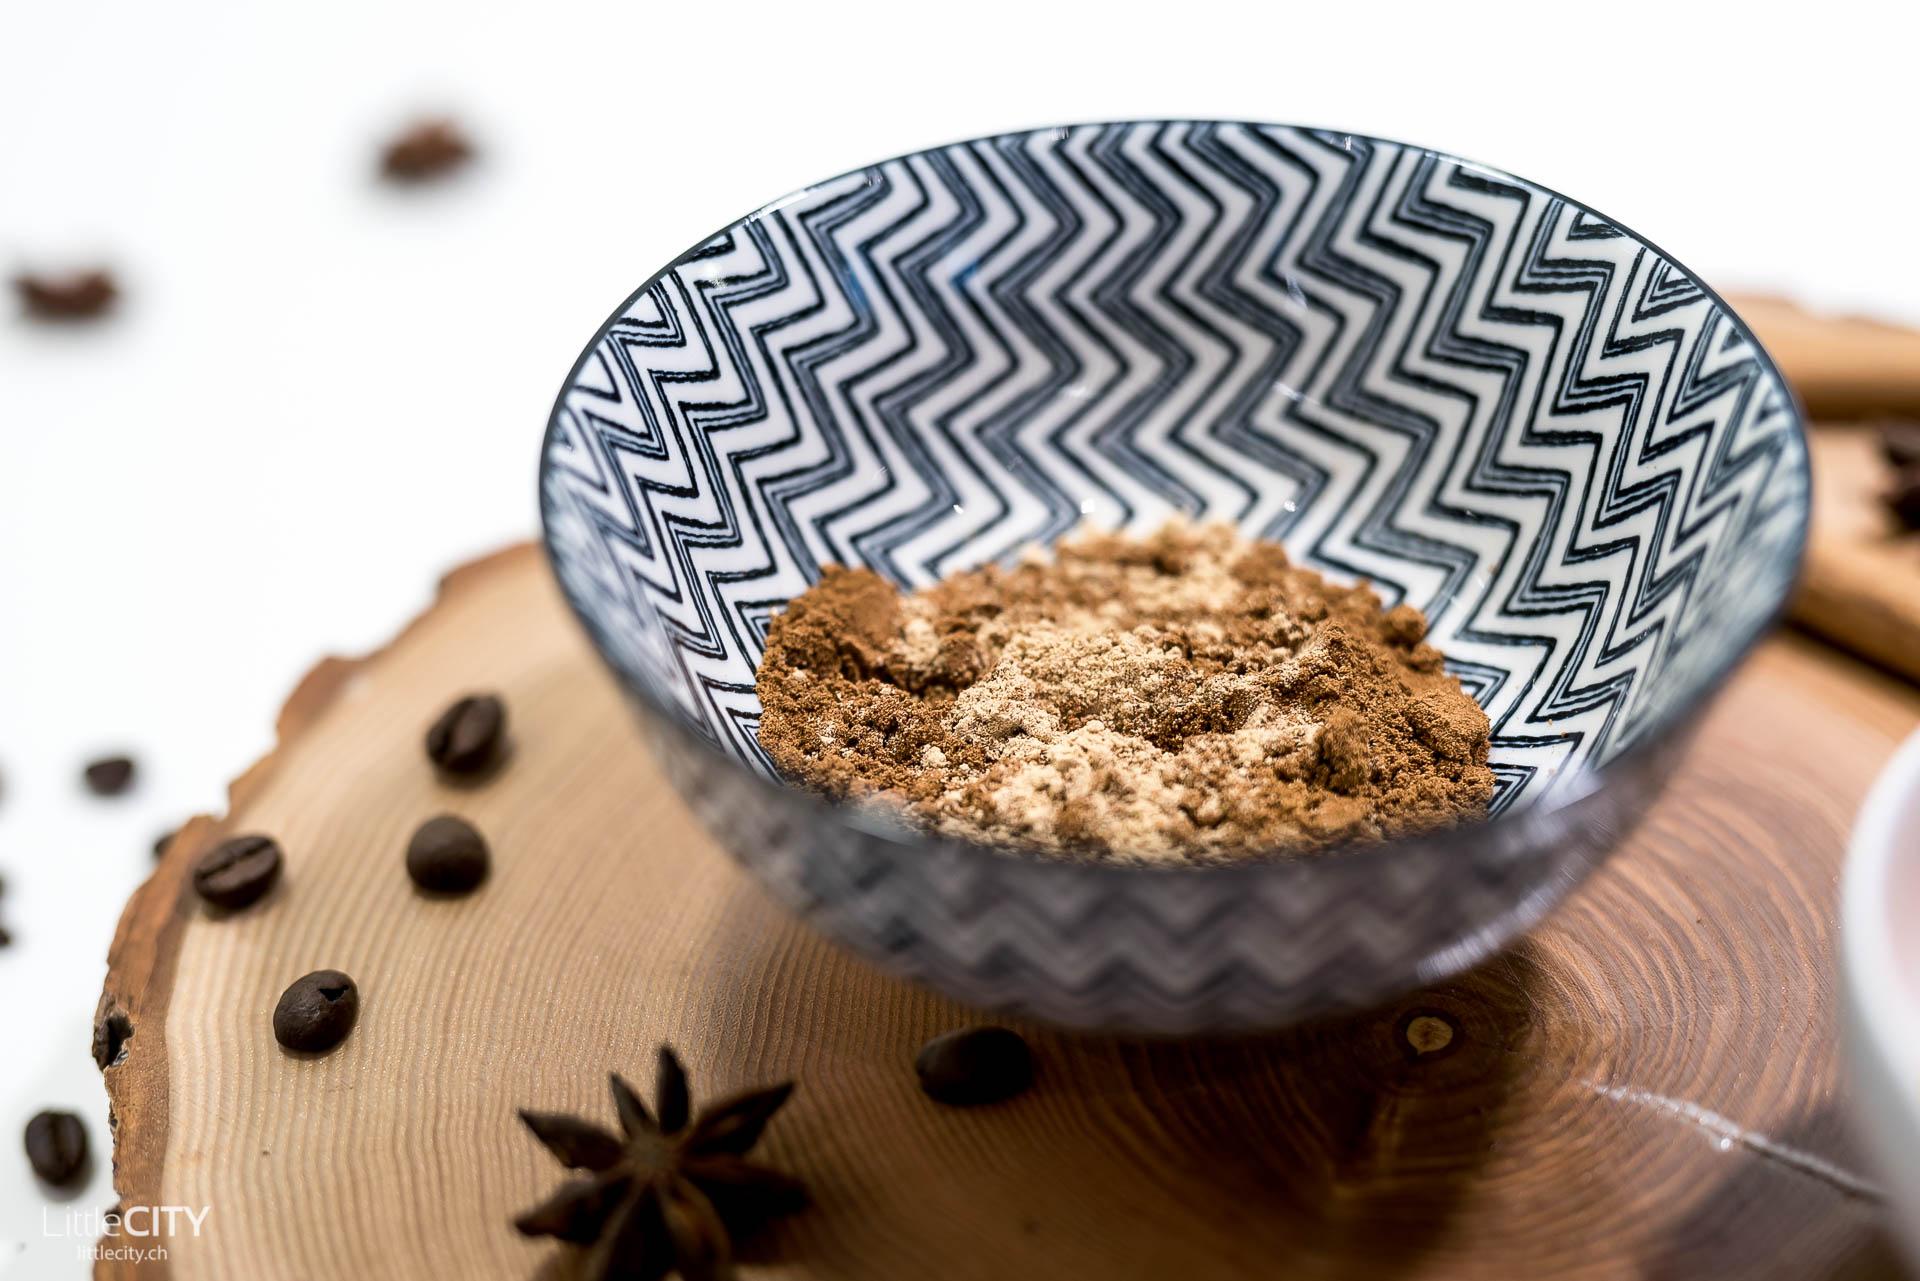 Pumking Spice Gewürz selber machen